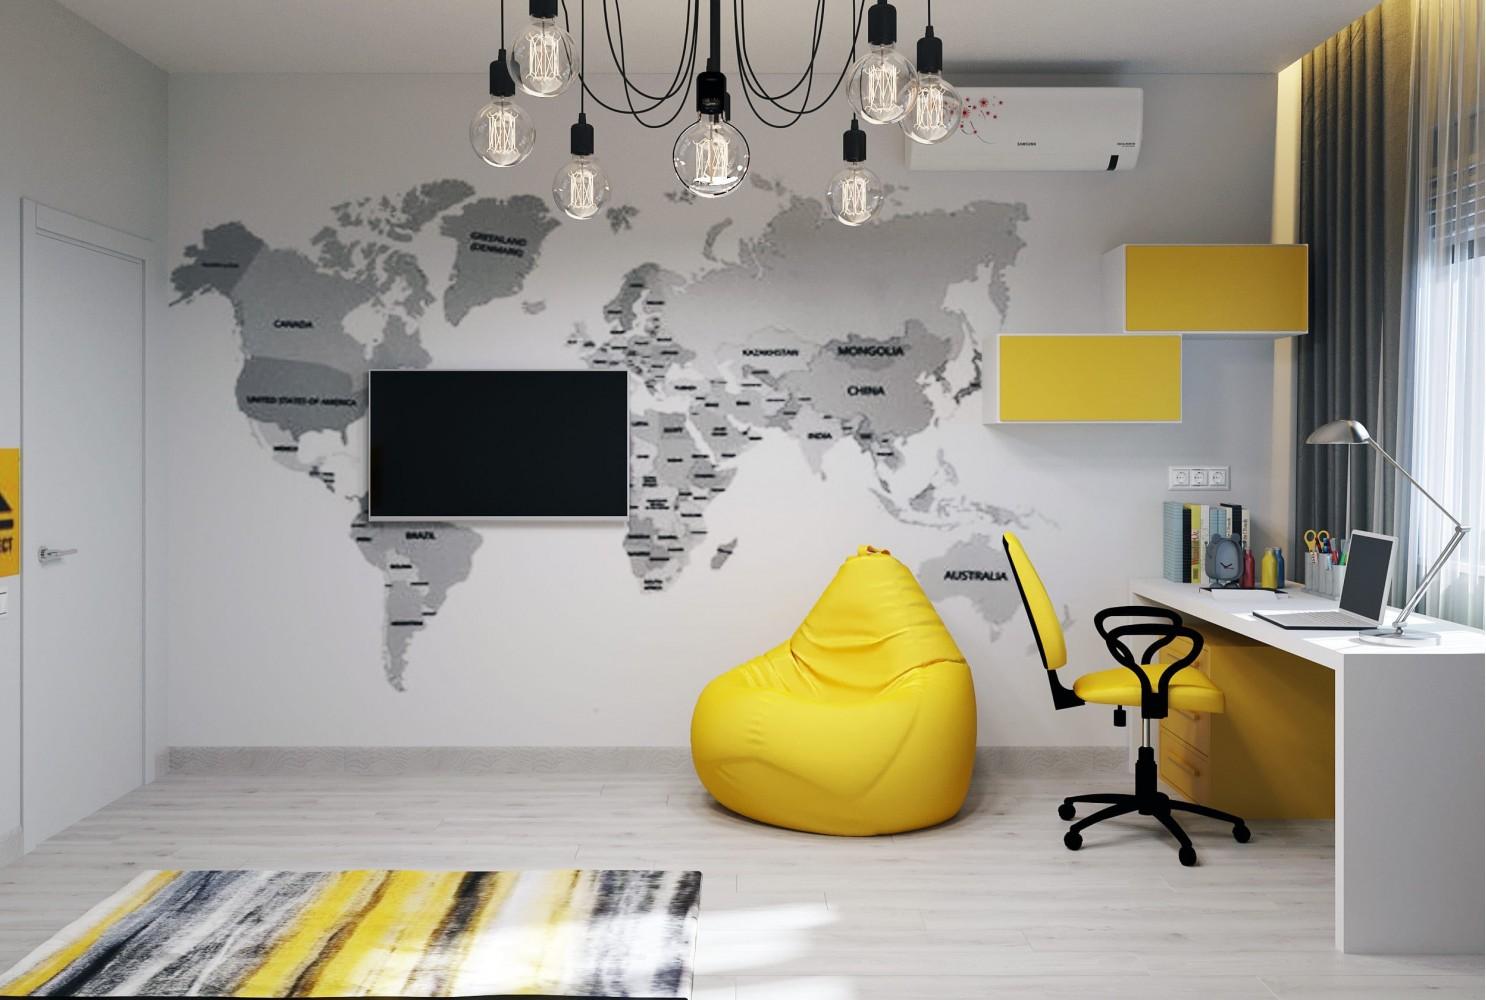 Детская-2 — Дизайн-проект 3-комнатной квартиры в ЖК Статус Групп, 106 м.кв — студия дизайна Inerior12